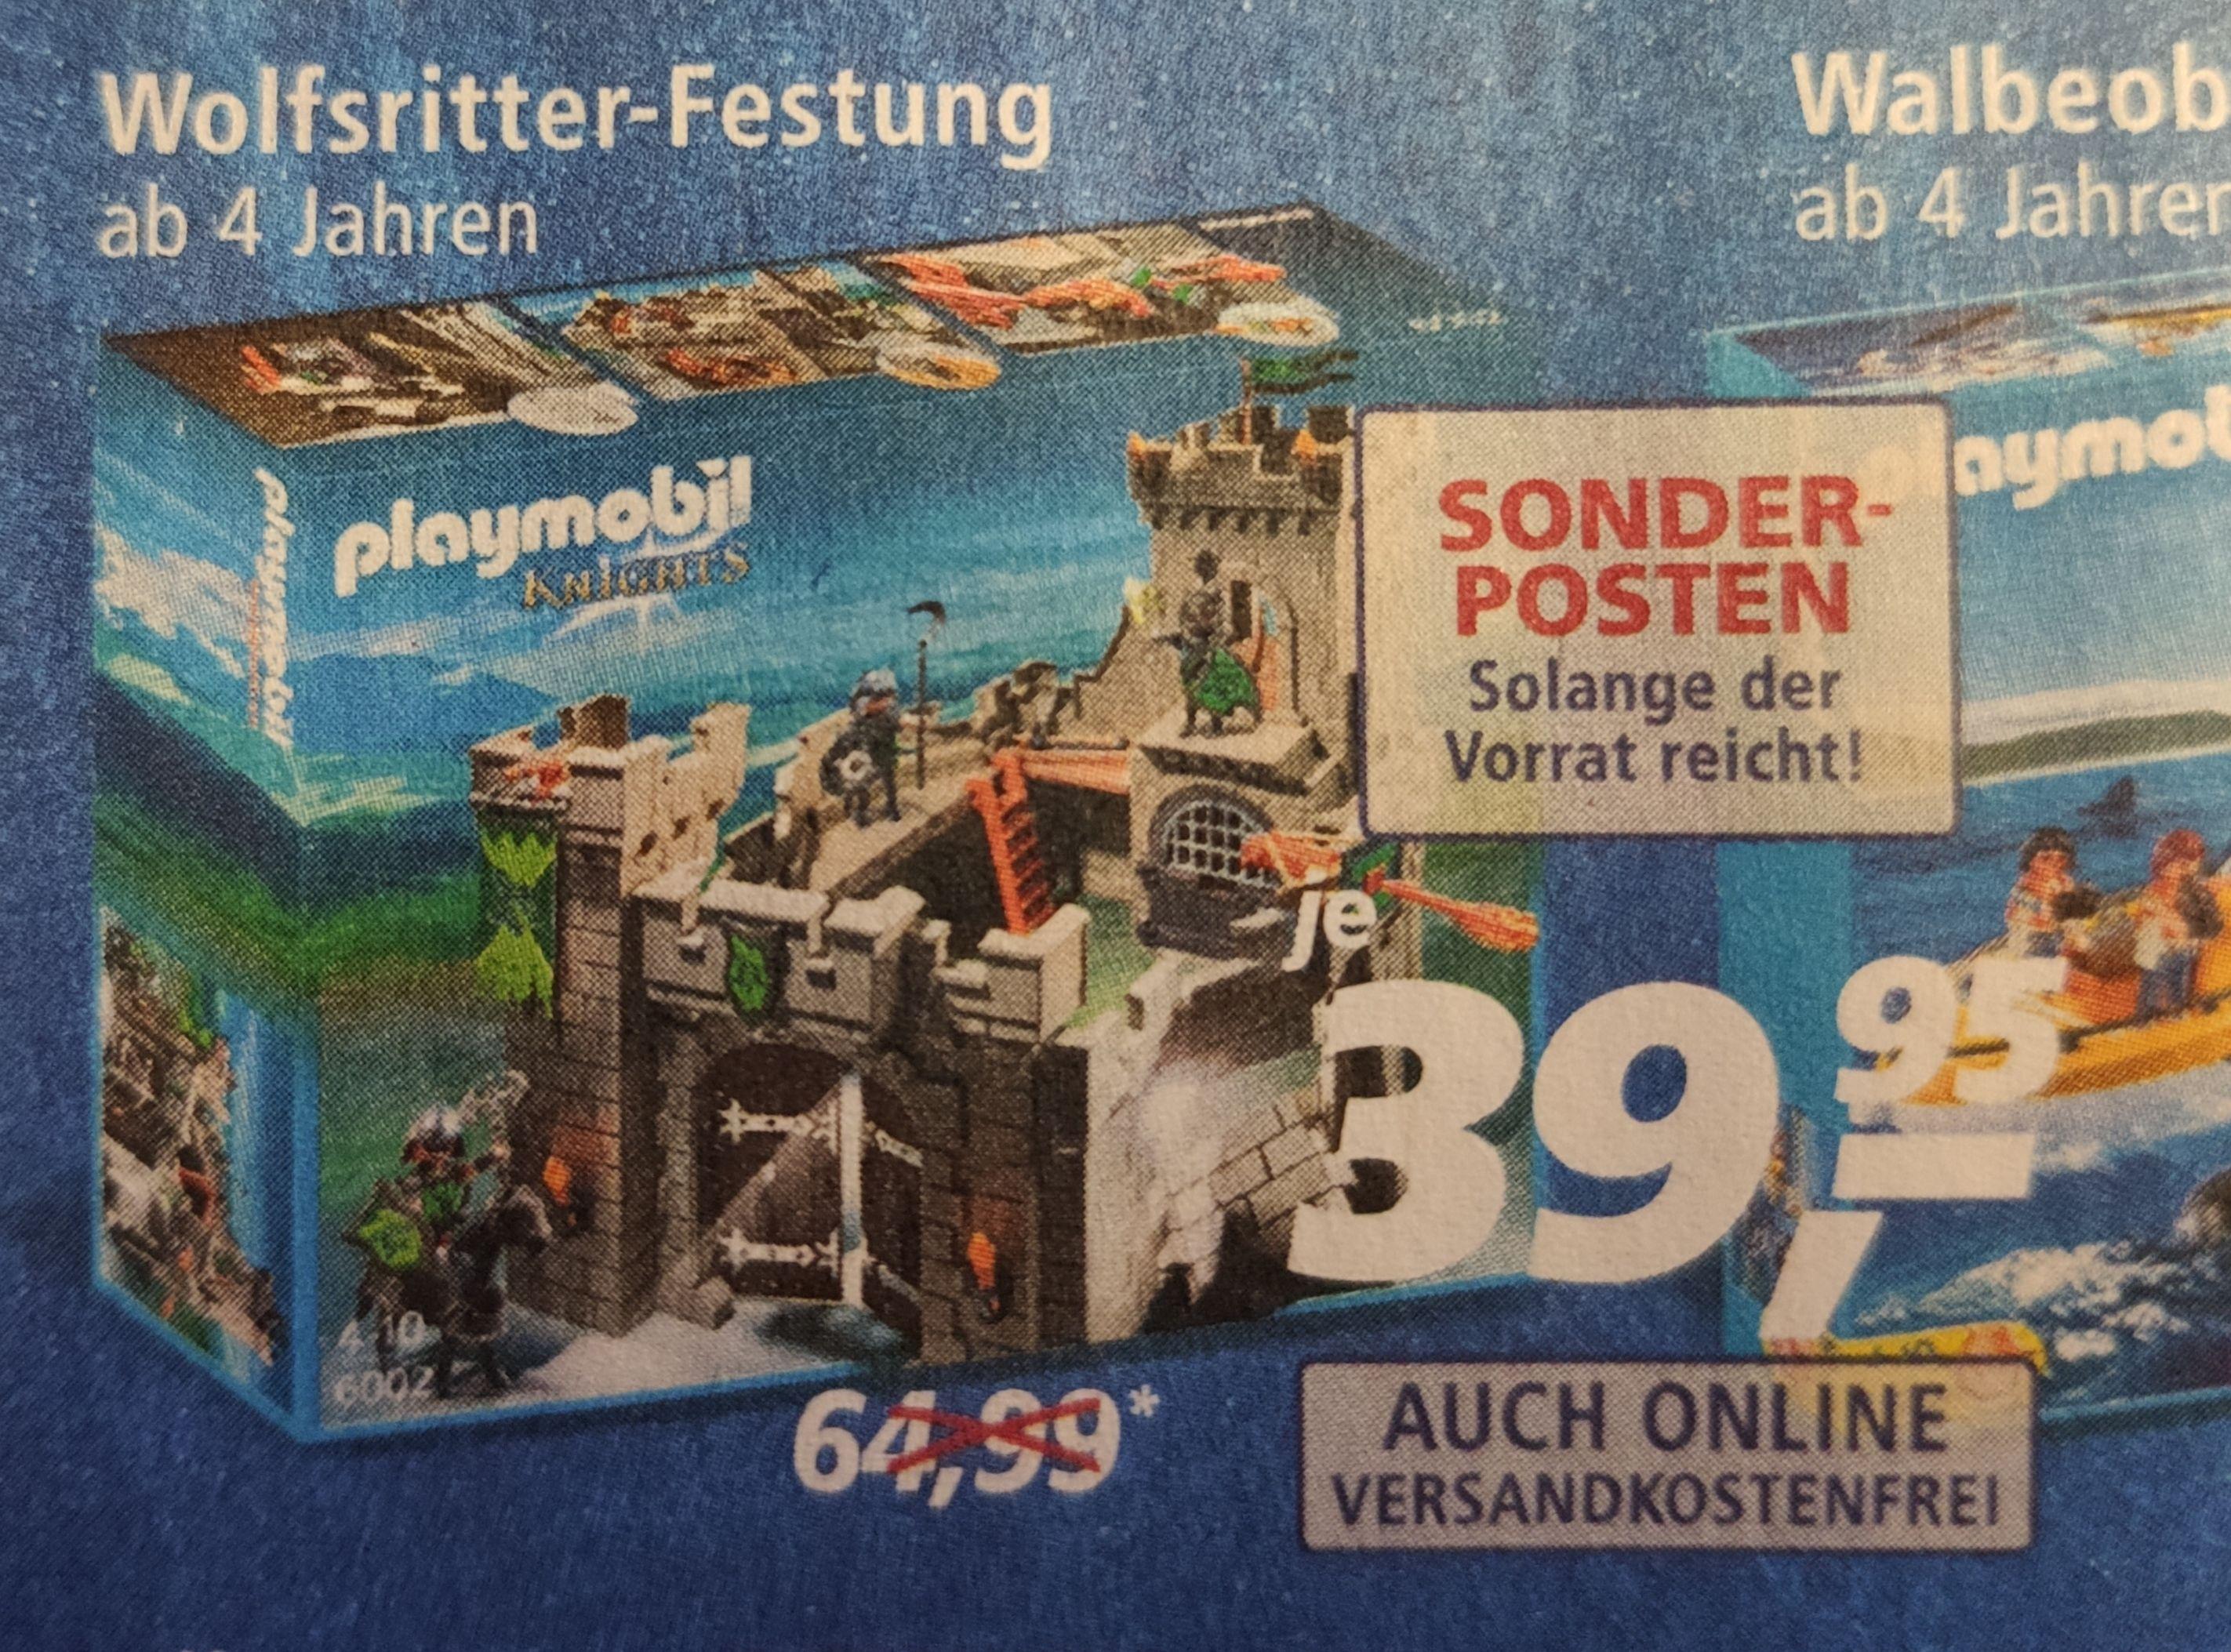 Playmobil Wolfsritter-Festung (6002) bei real,-